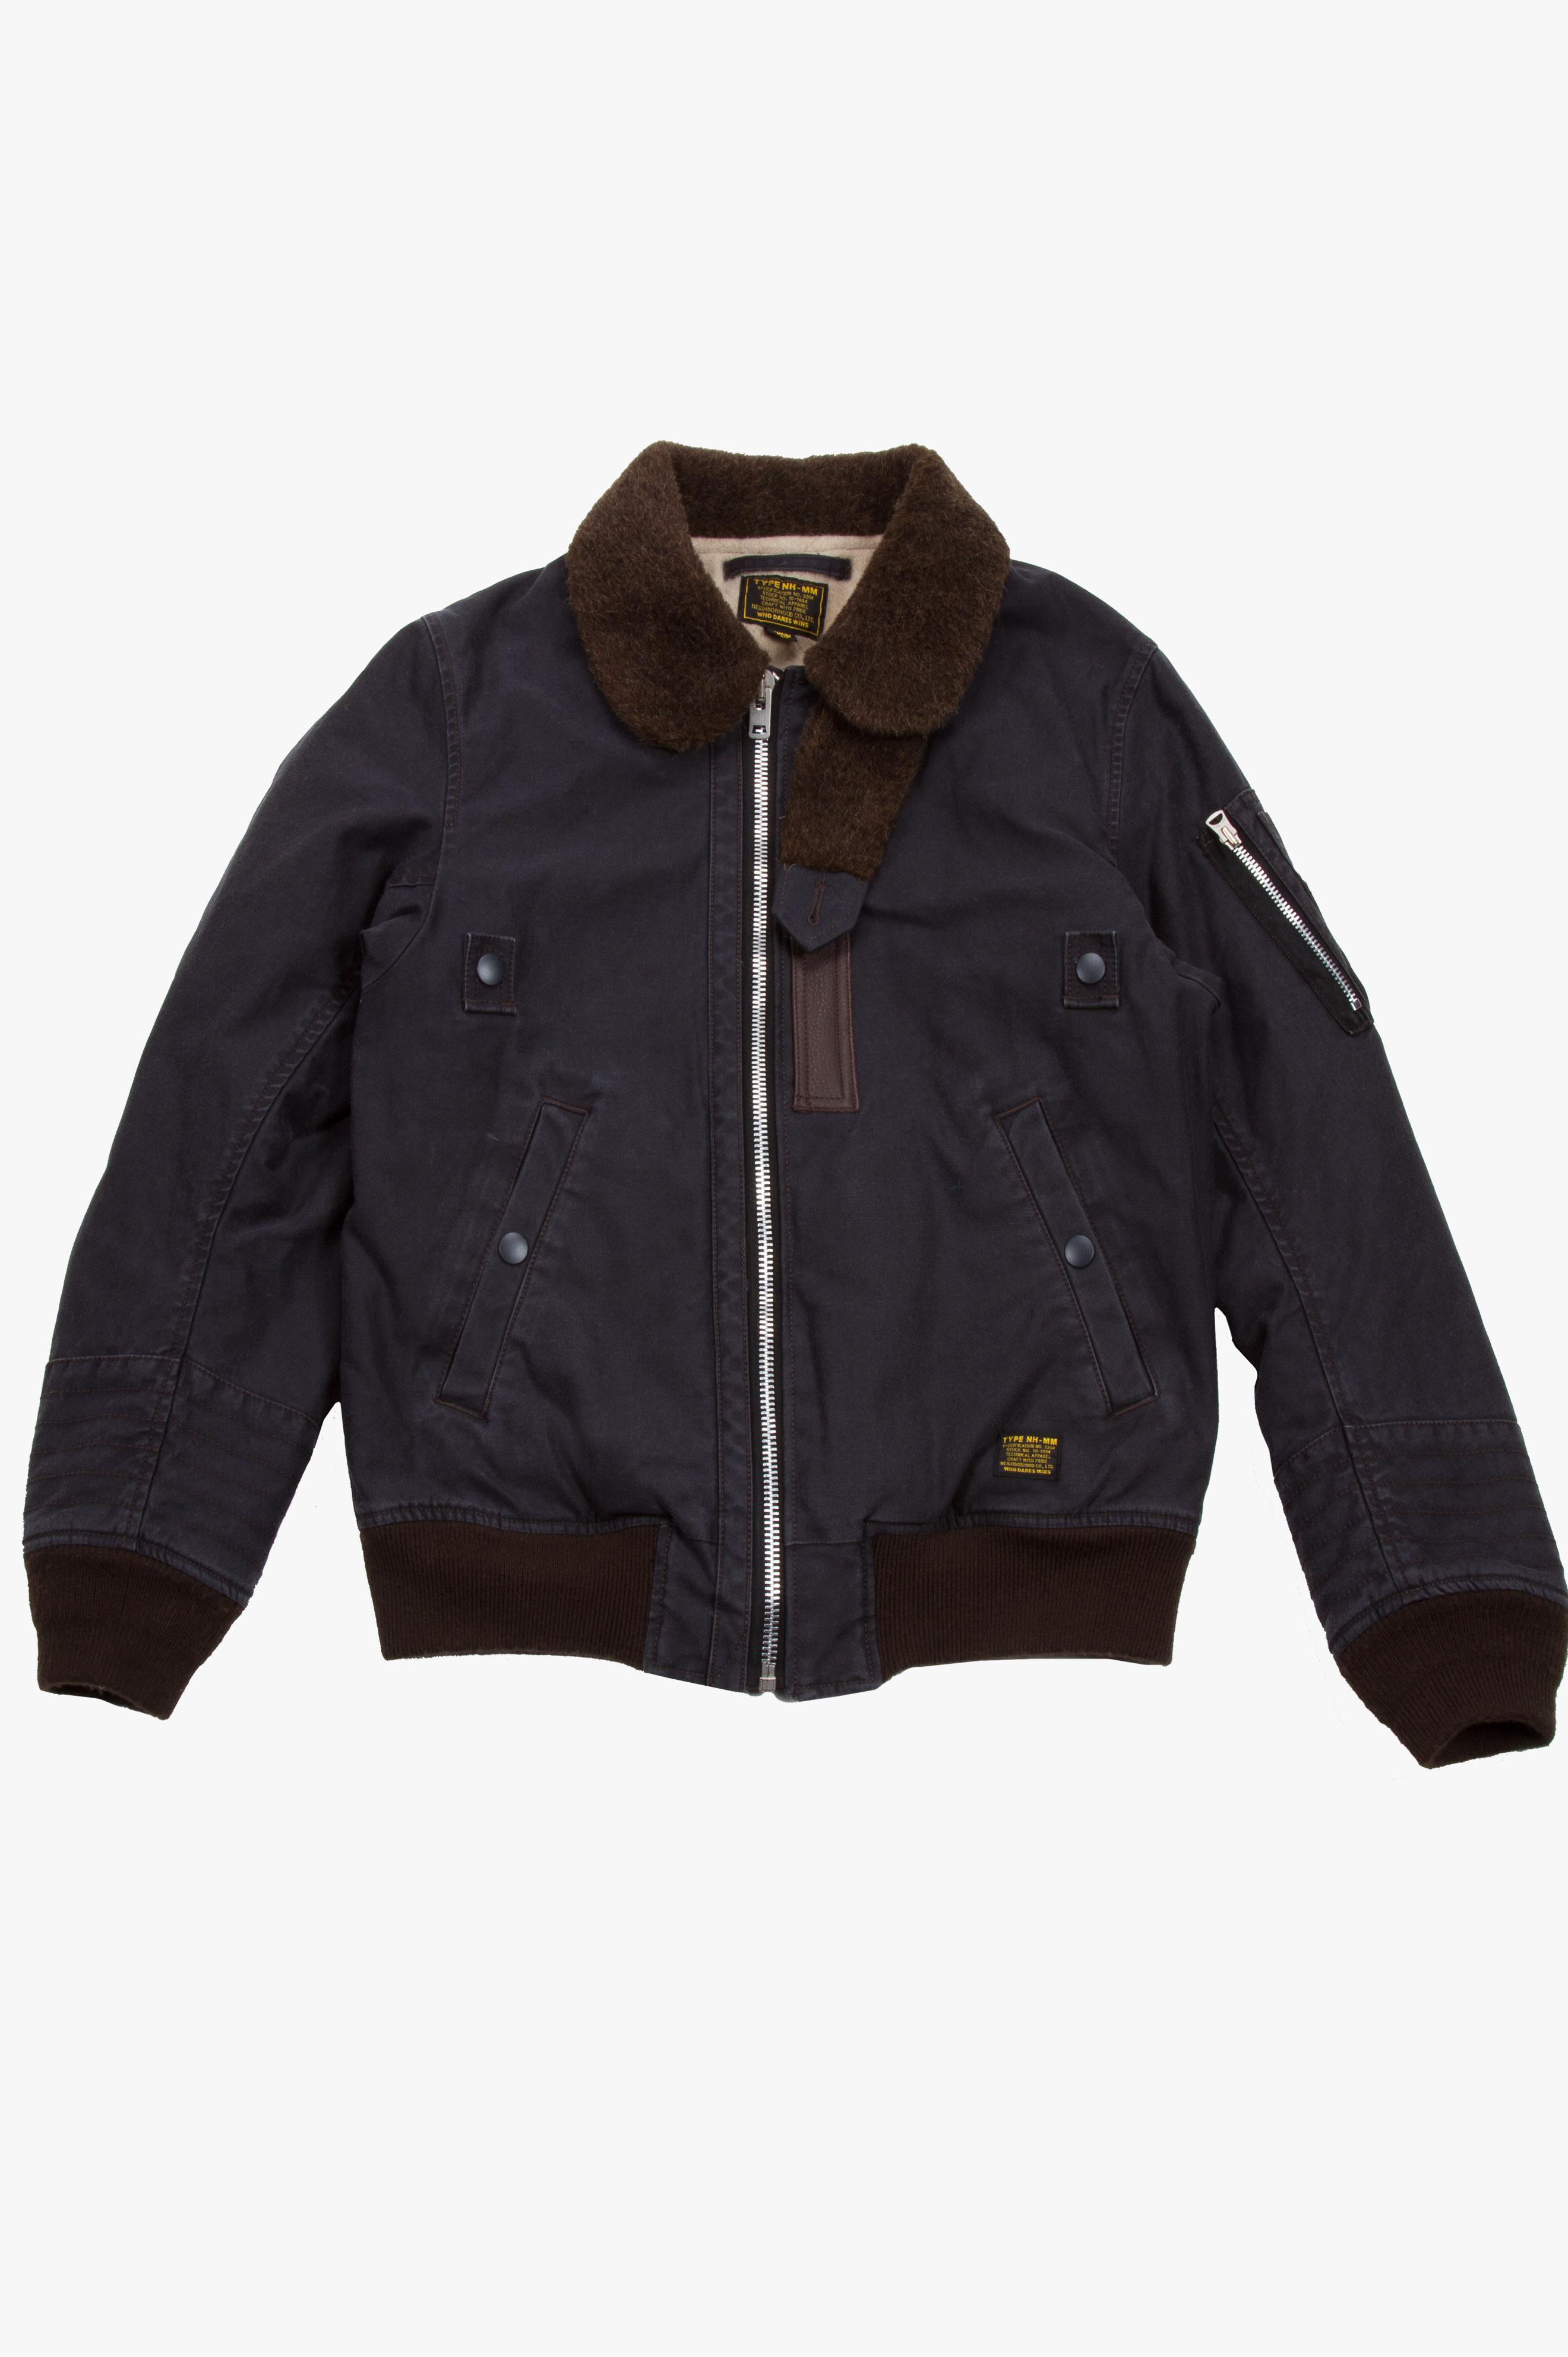 B15-D Jacket Black